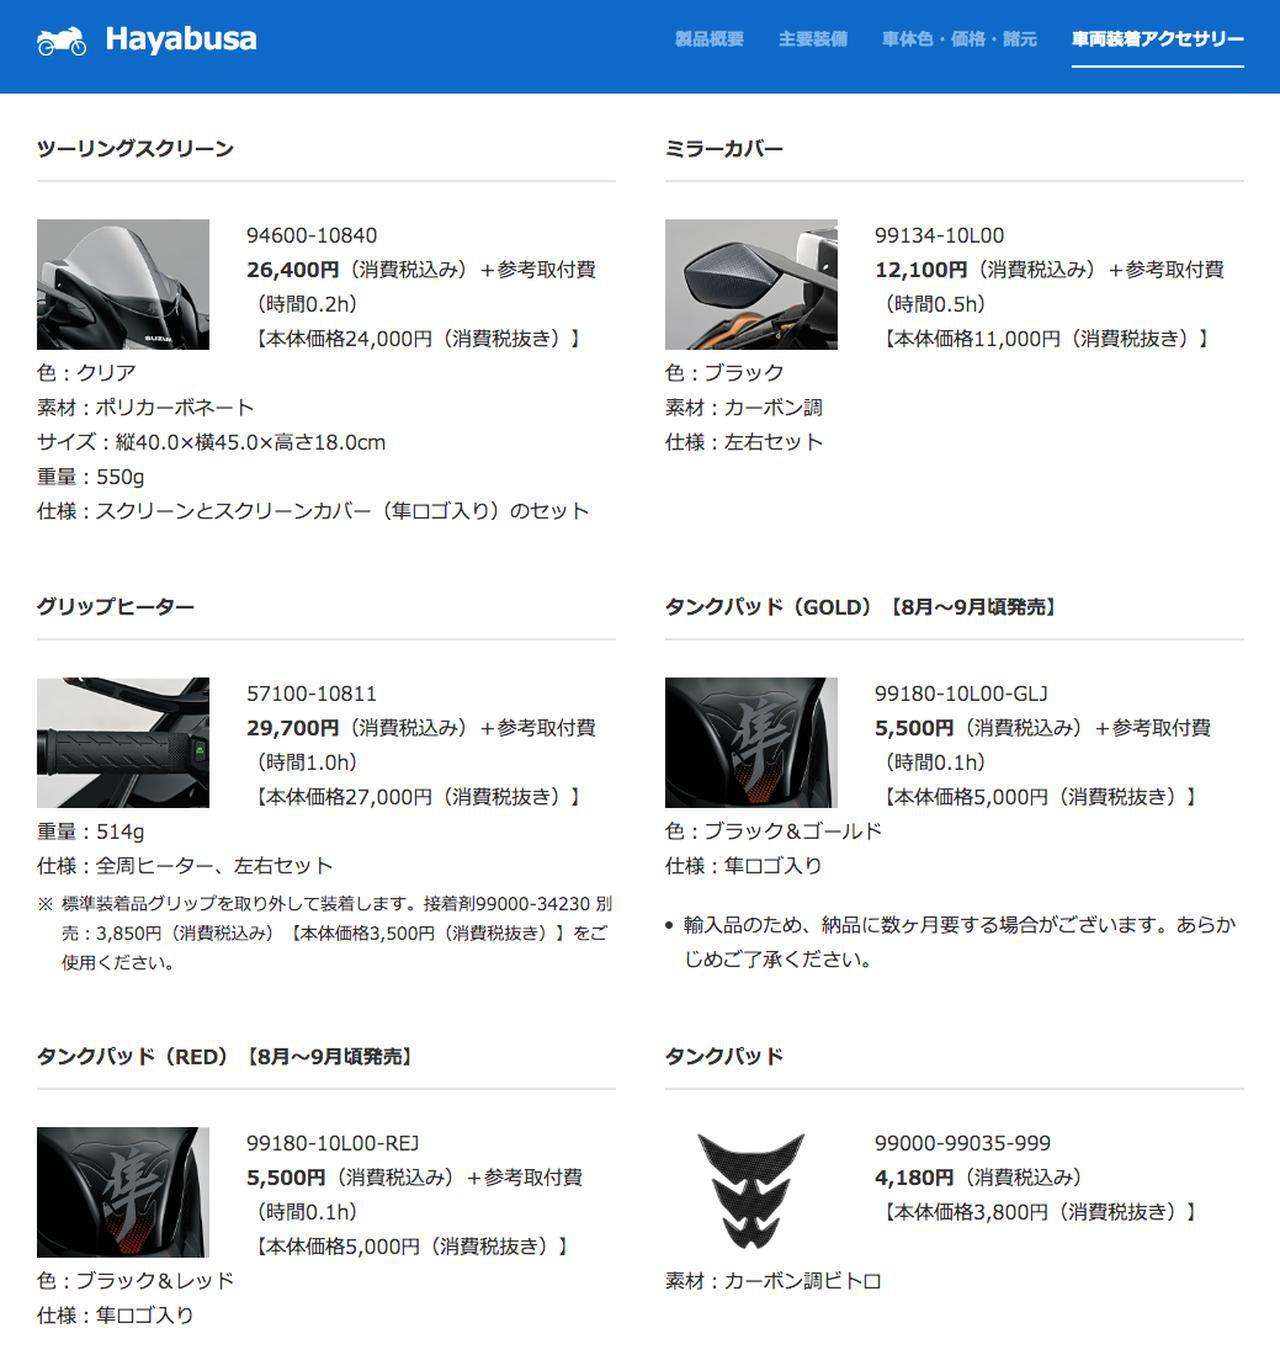 画像: Hayabusa 車両装着アクセサリー www1.suzuki.co.jp